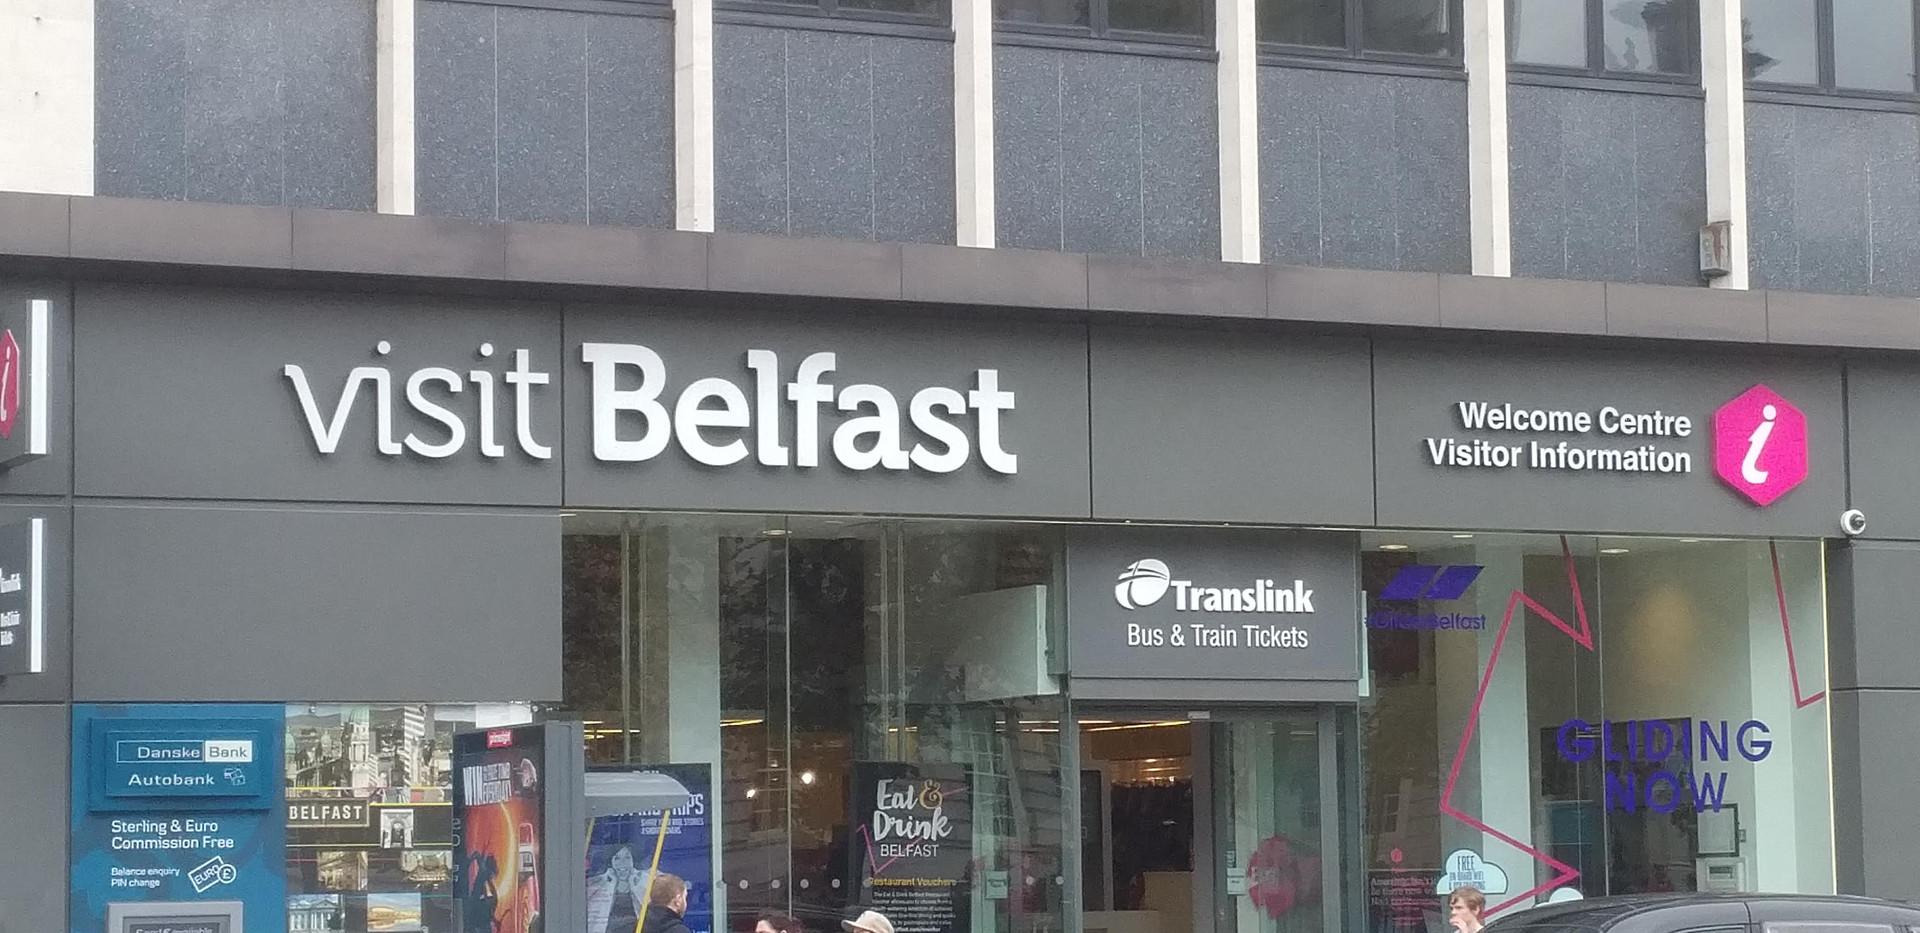 Viisit Belfast